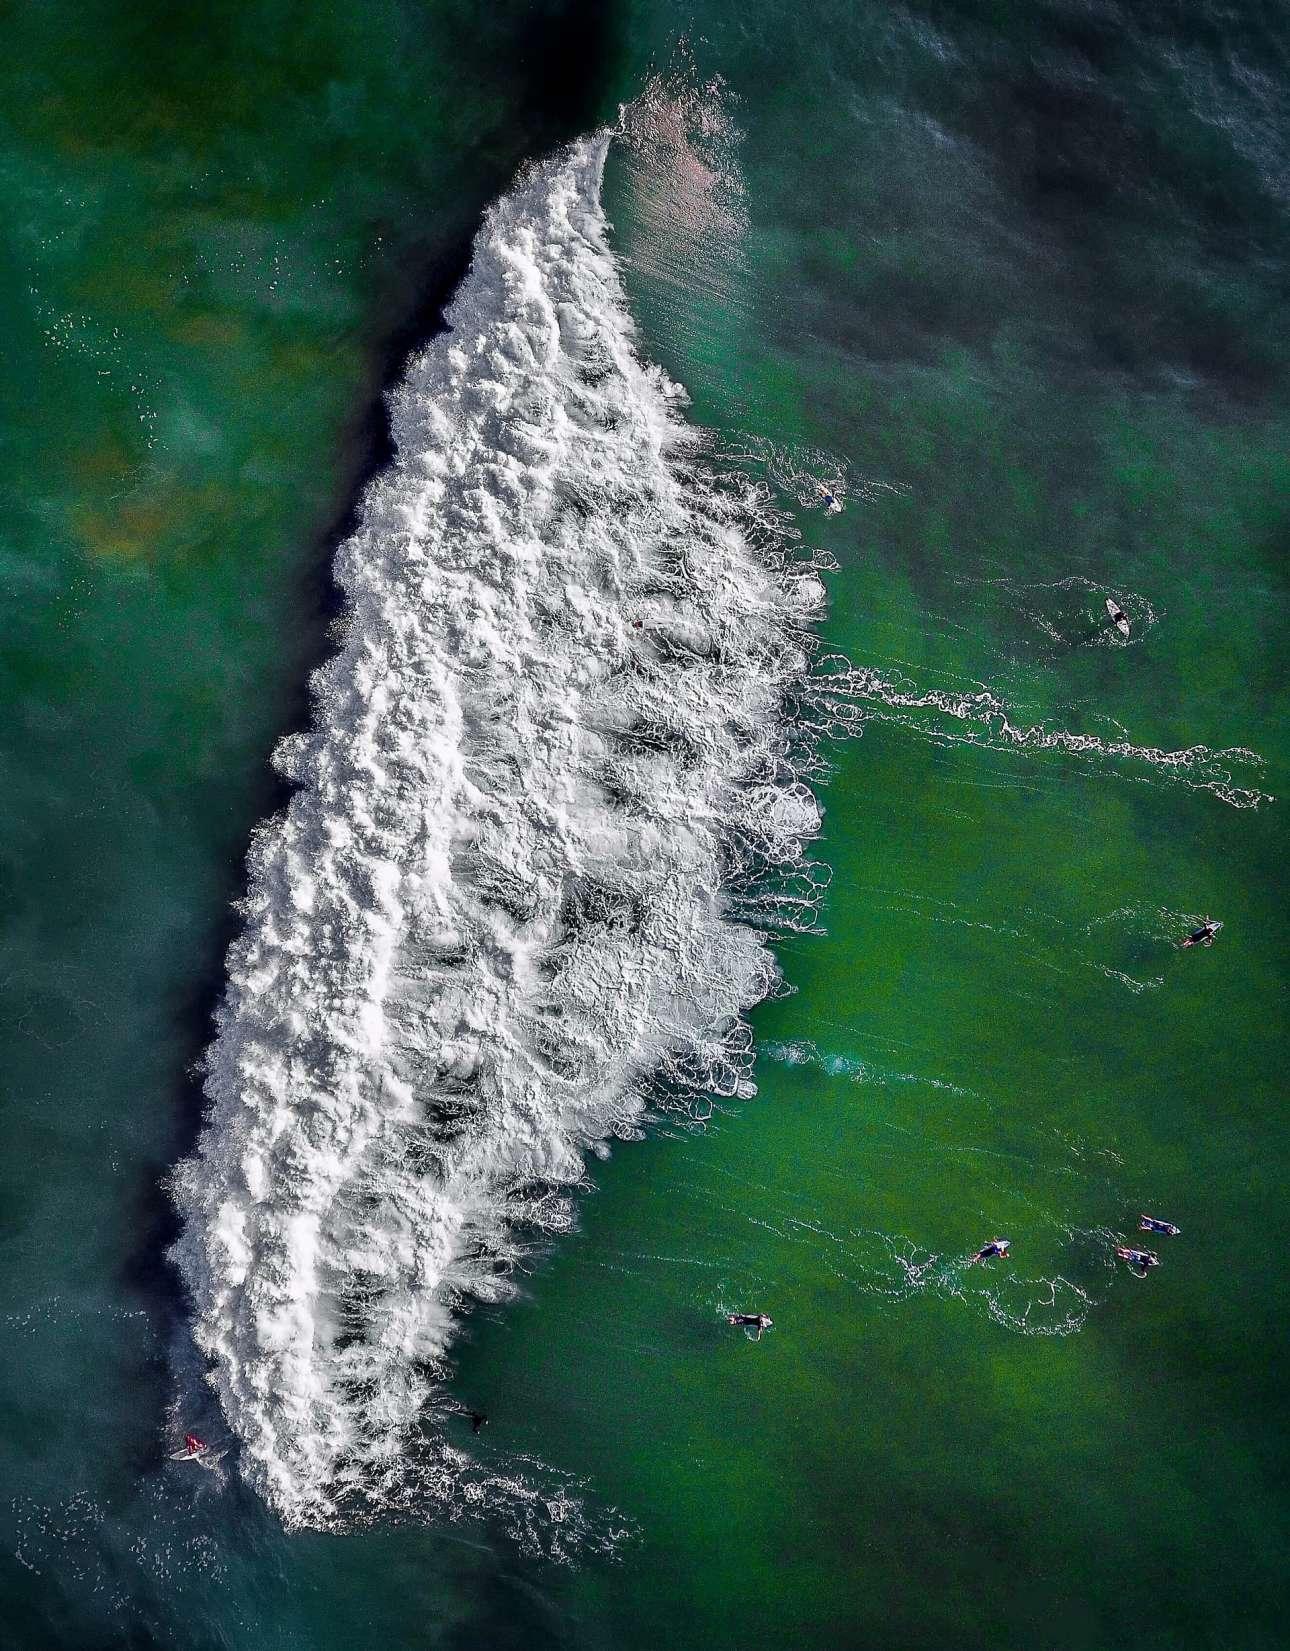 «Φωτογραφία της Χρονιάς». Σέρφερ περιμένουν στη σειρά για το τέλειο κύμα, σε μία παραλία του Σίδνεϊ